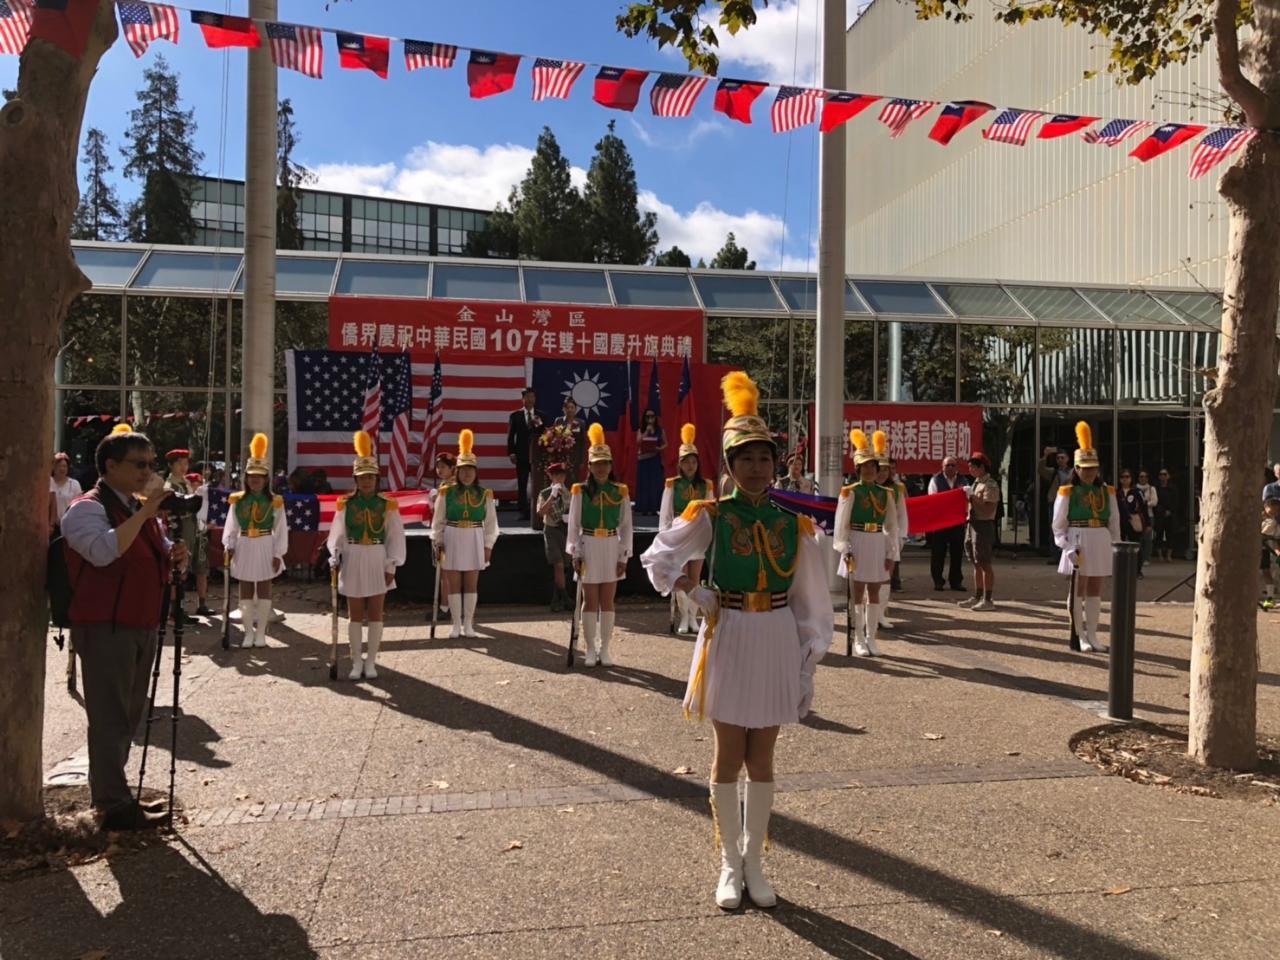 中華民國107年雙十國慶南灣升旗典禮10月6日上午在Santa Clara County廣場隆重舉行